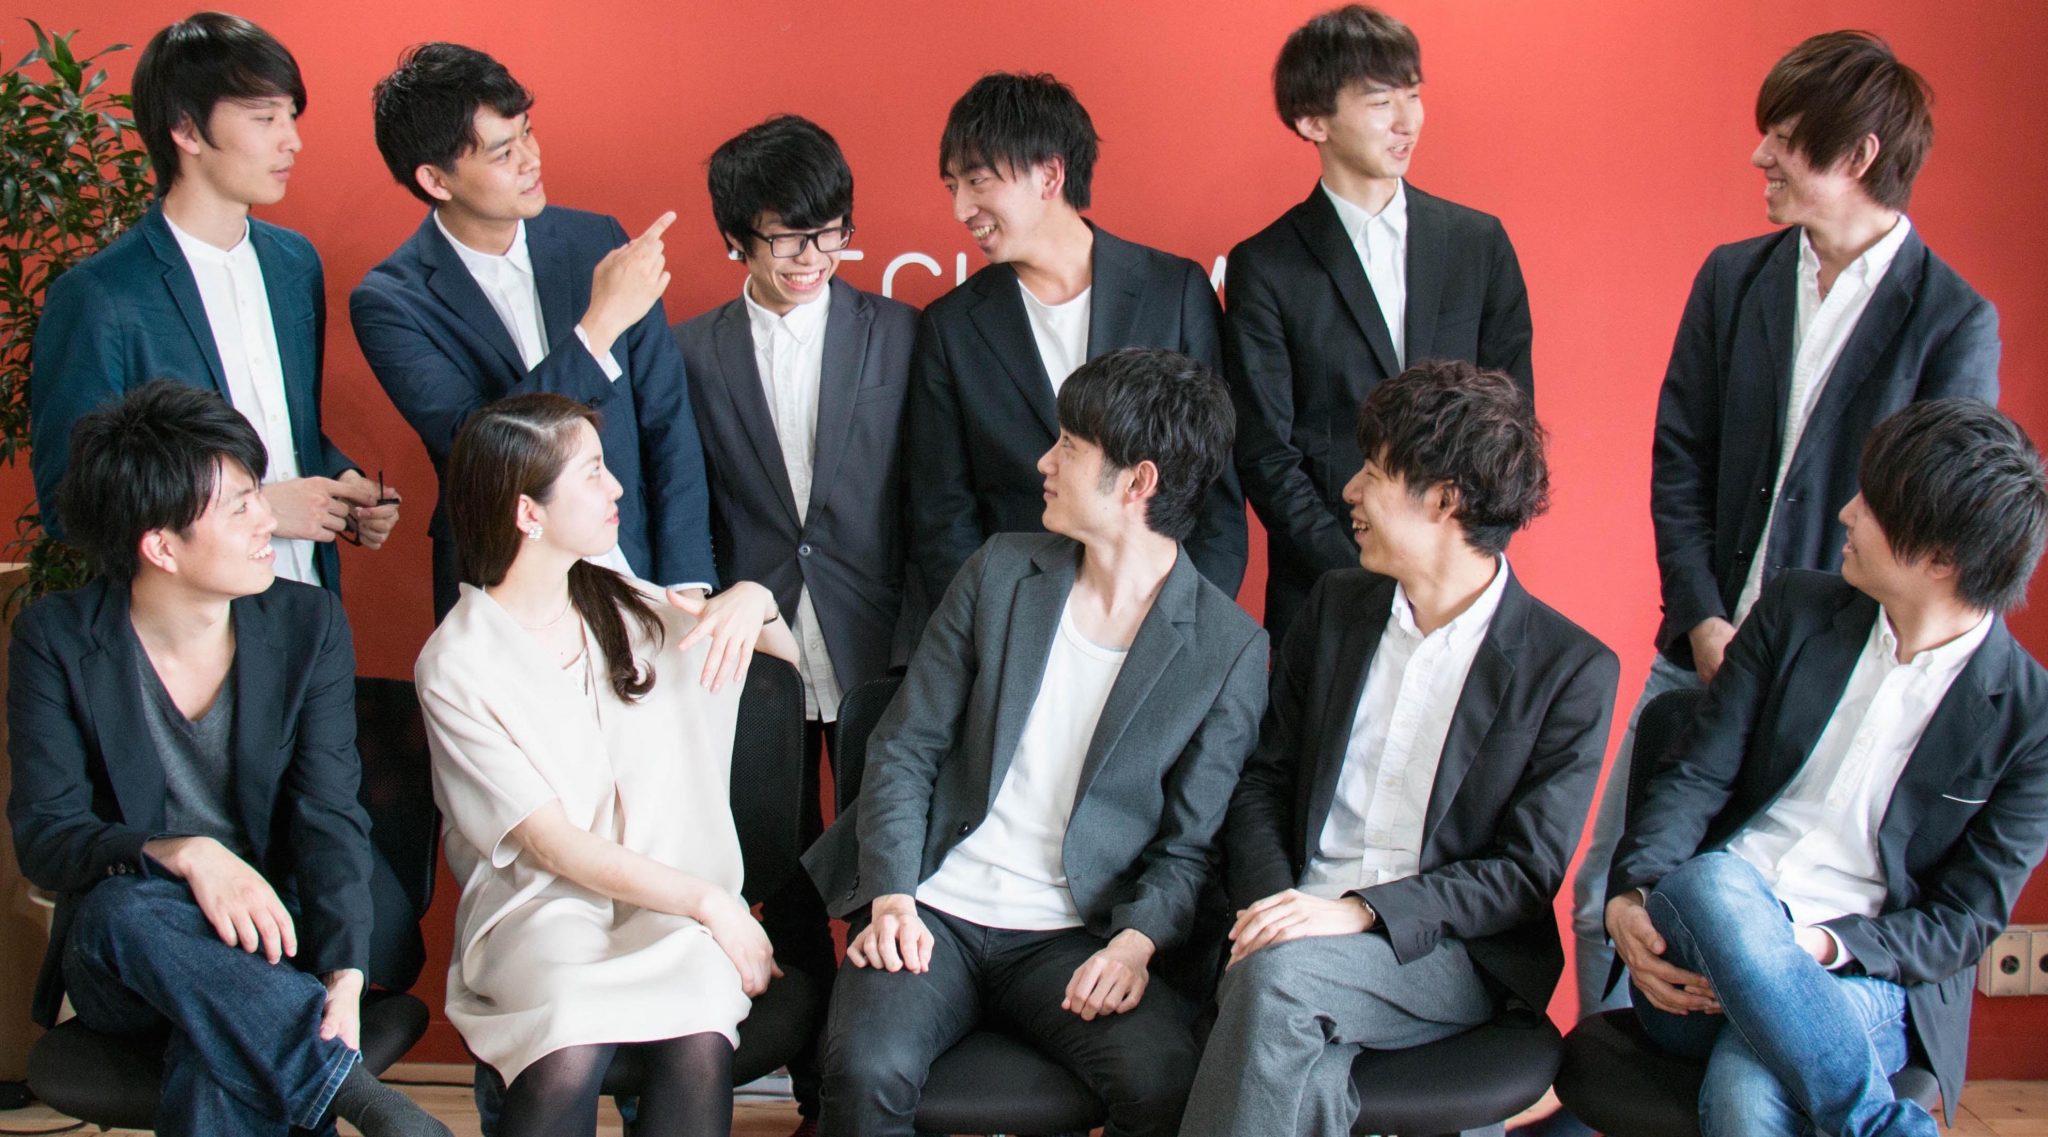 『短期集中プログラミングキャンプ』TECH::CAMP運営のdiv 代表取締役 真子 就有氏インタビュー【@masaki_hamasaki】